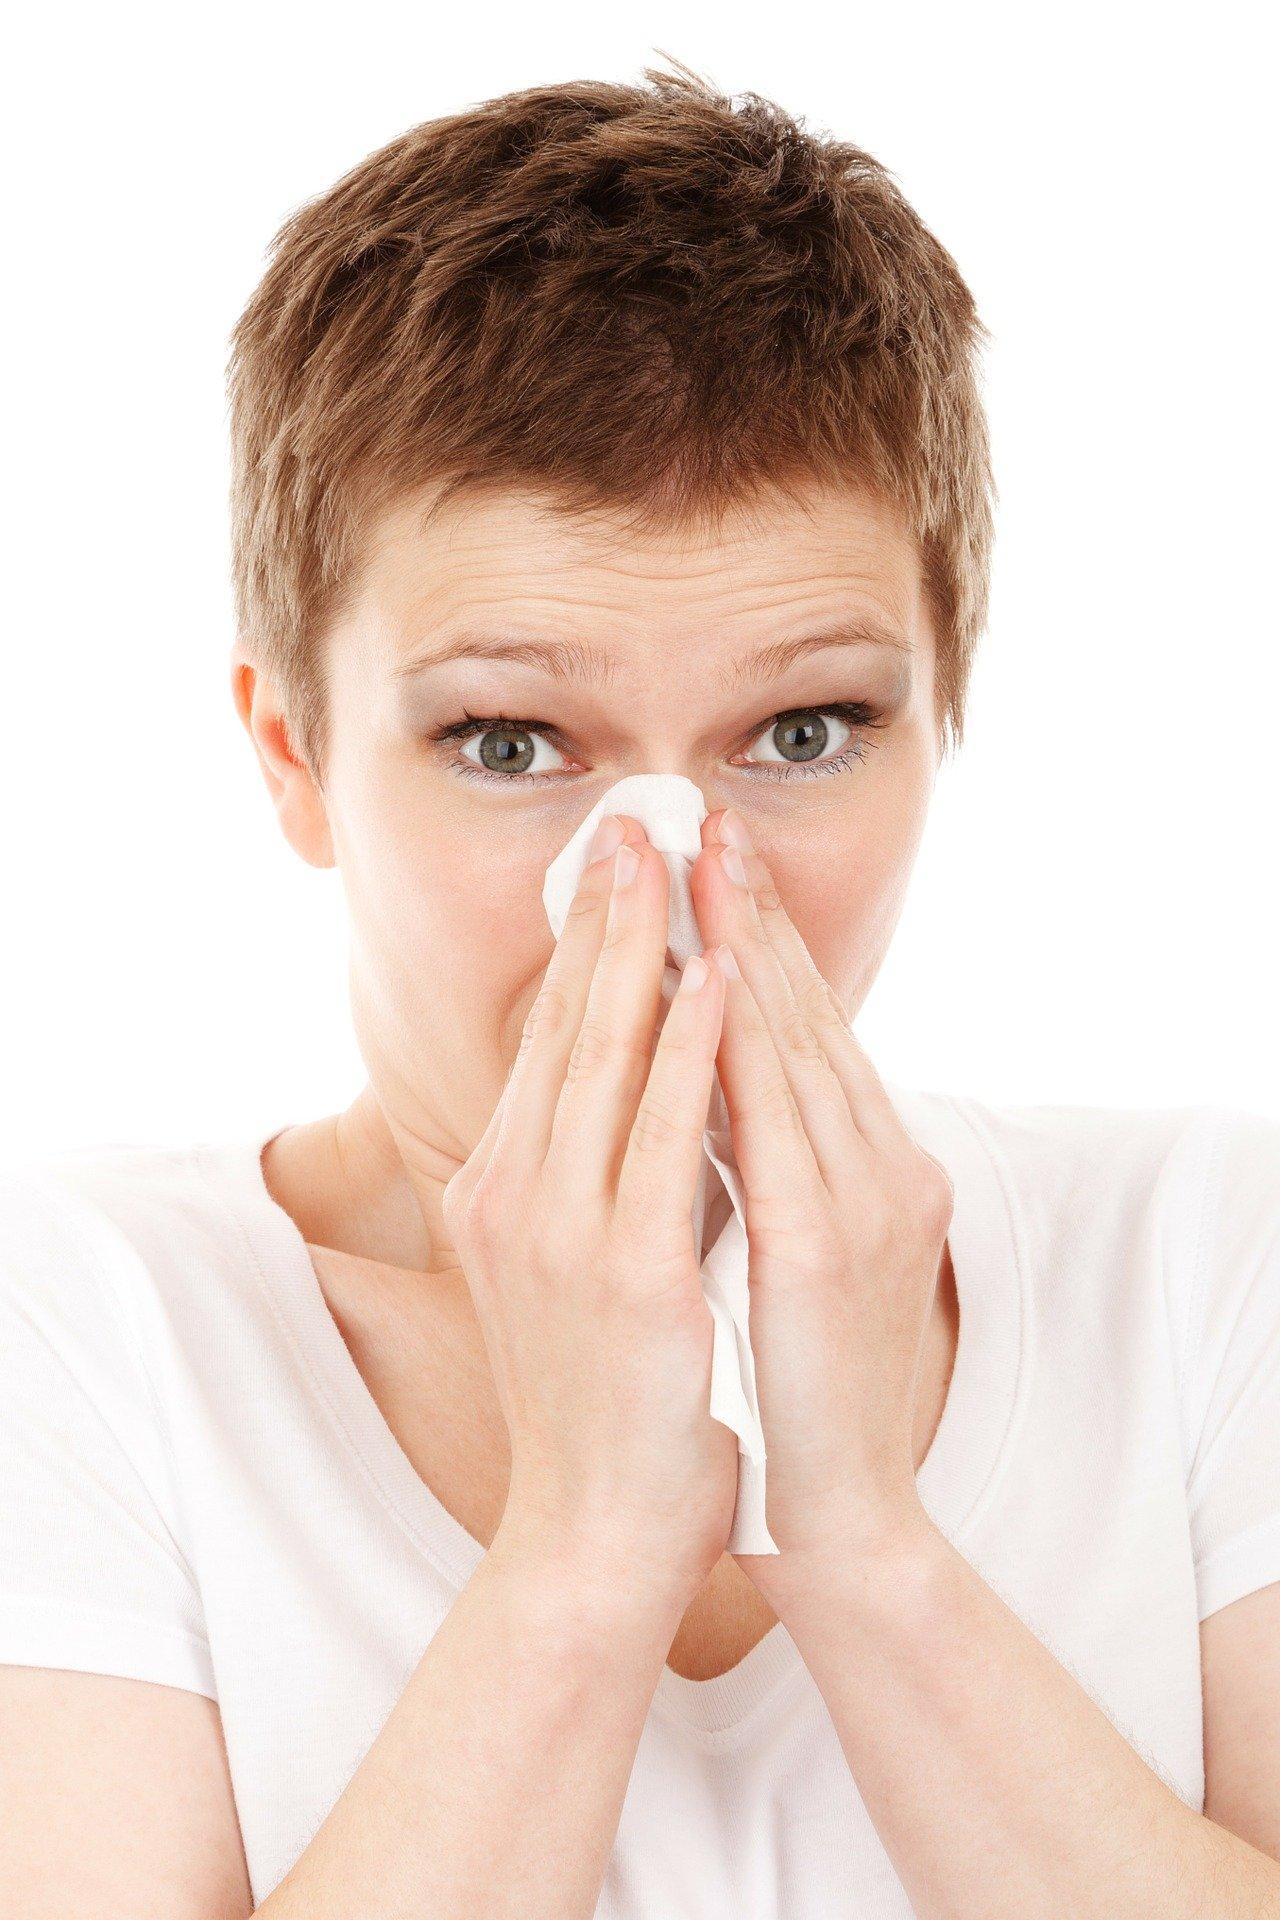 טיפול טבעי לאלרגיה